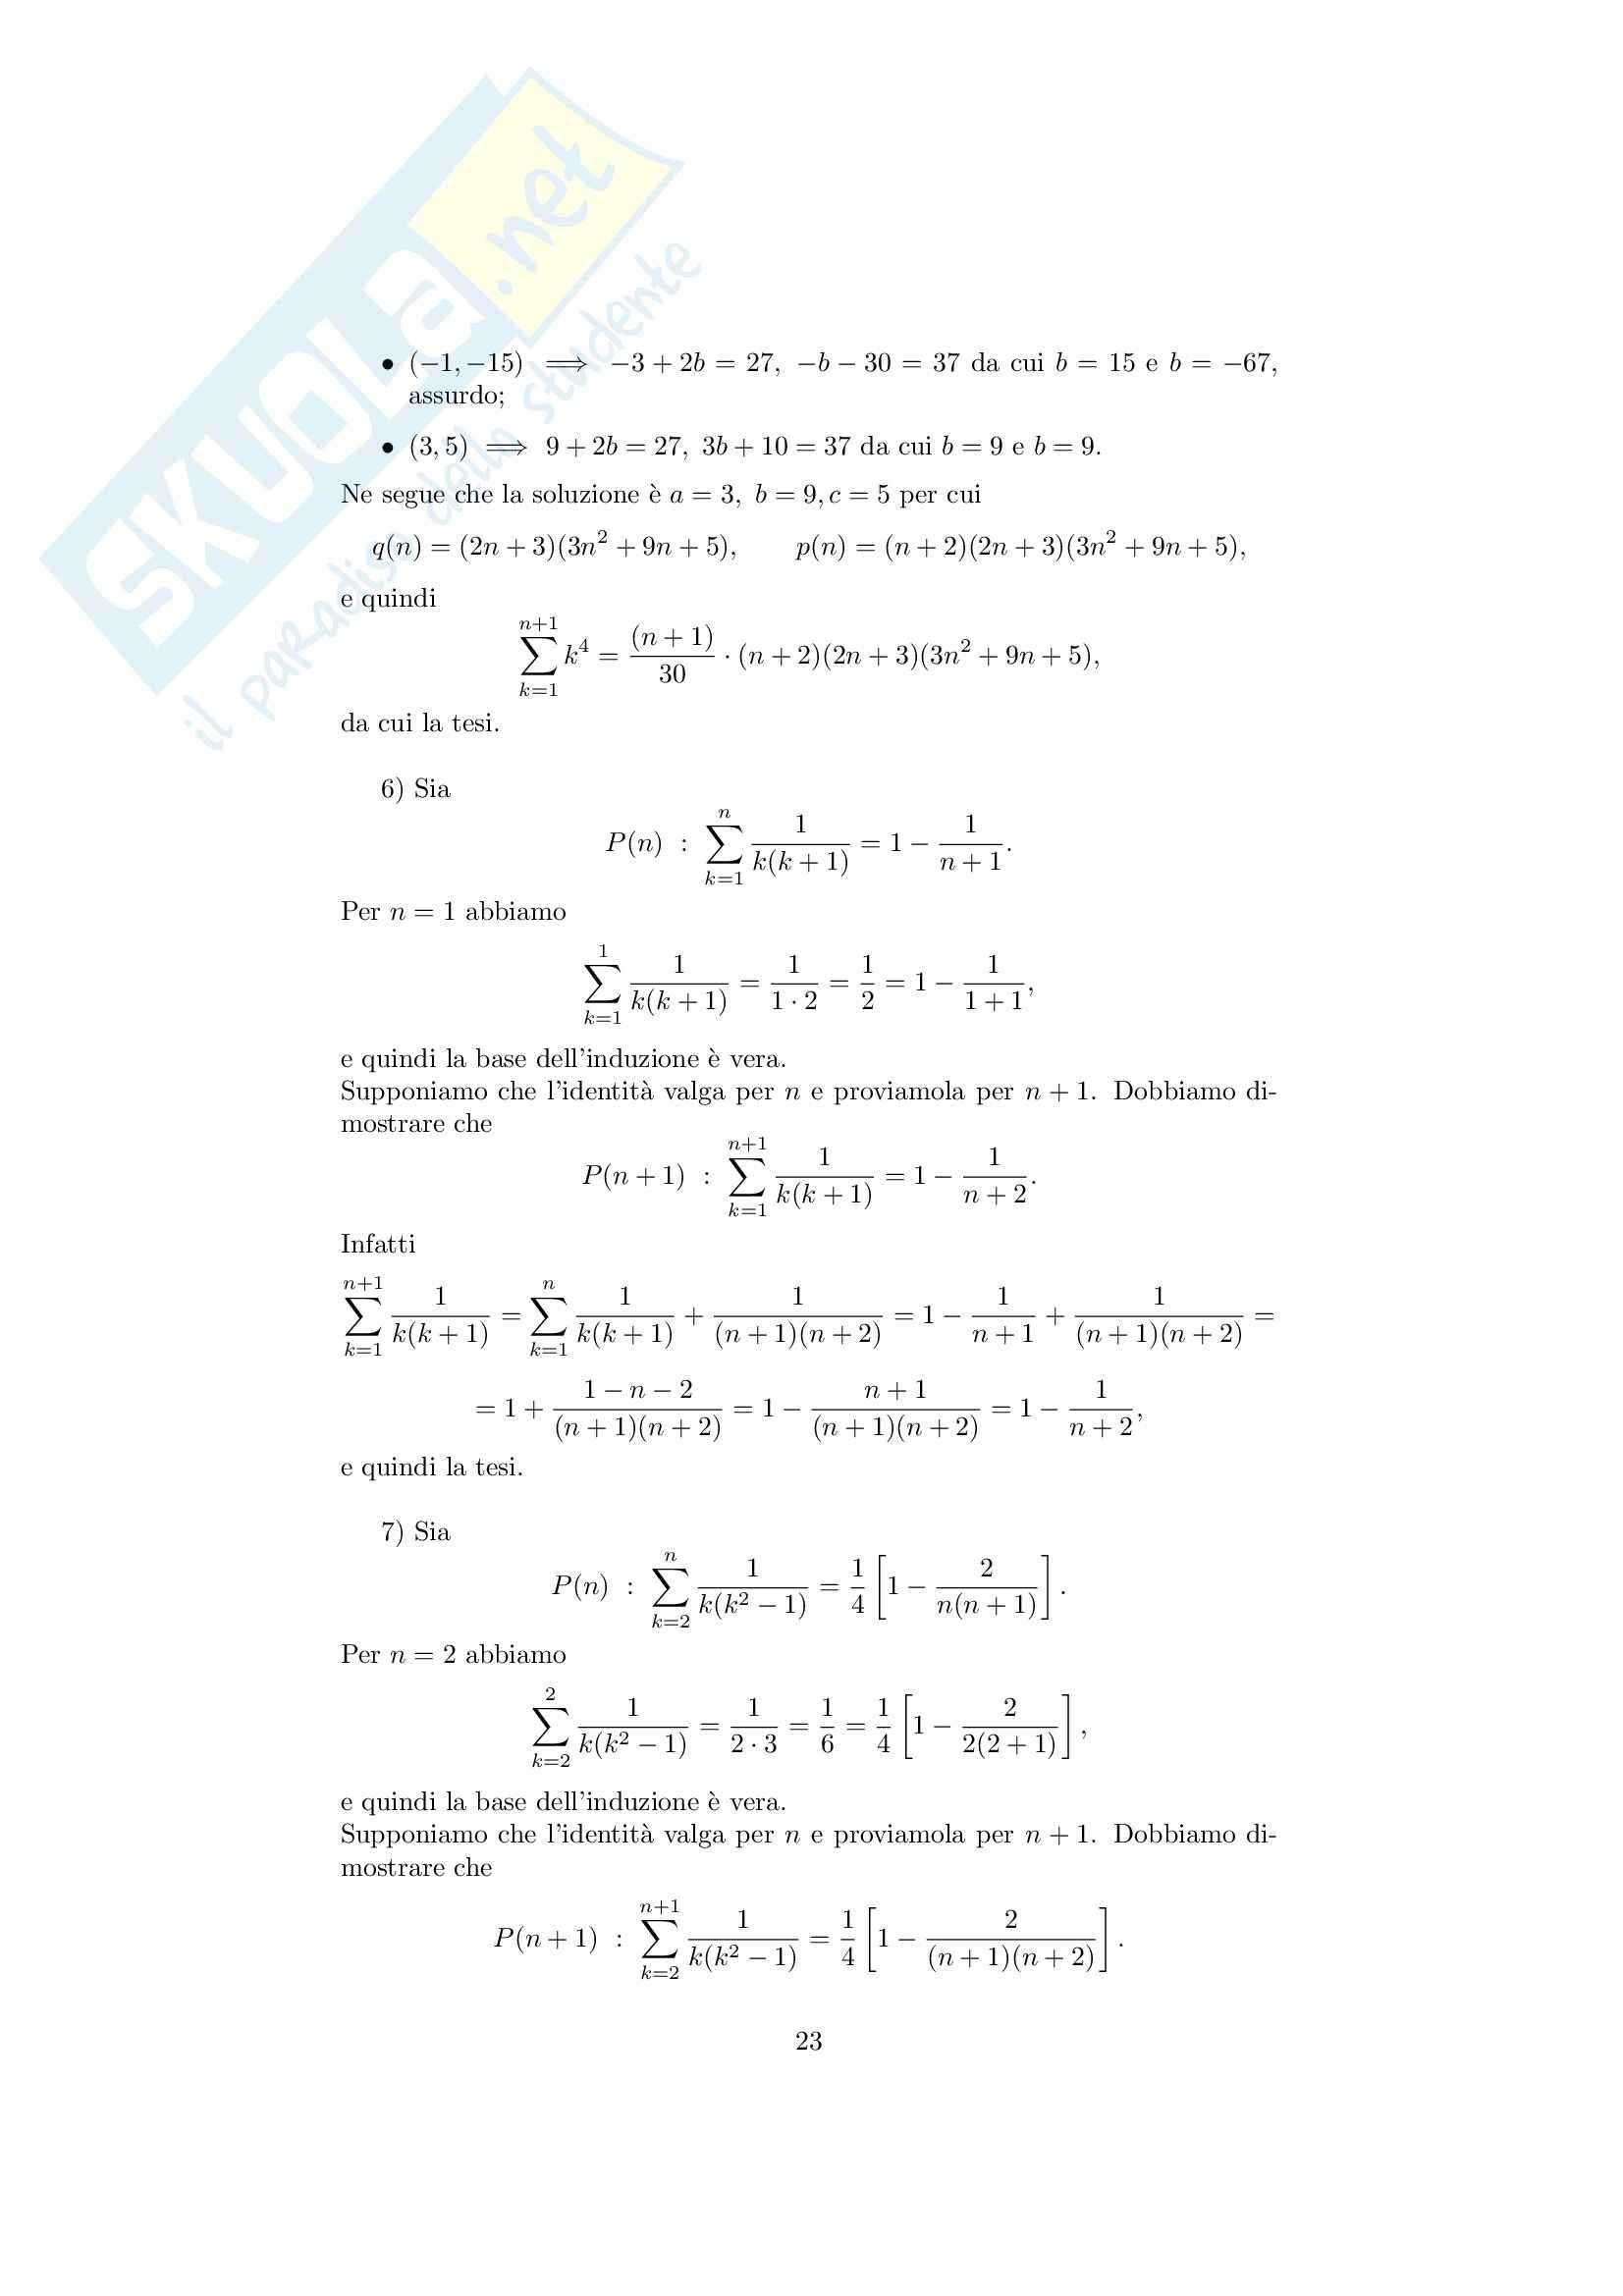 Analisi matematica 1 - Note ed esercizi svolti su Insiemi, numeri reali e Principio di Induzione Pag. 26